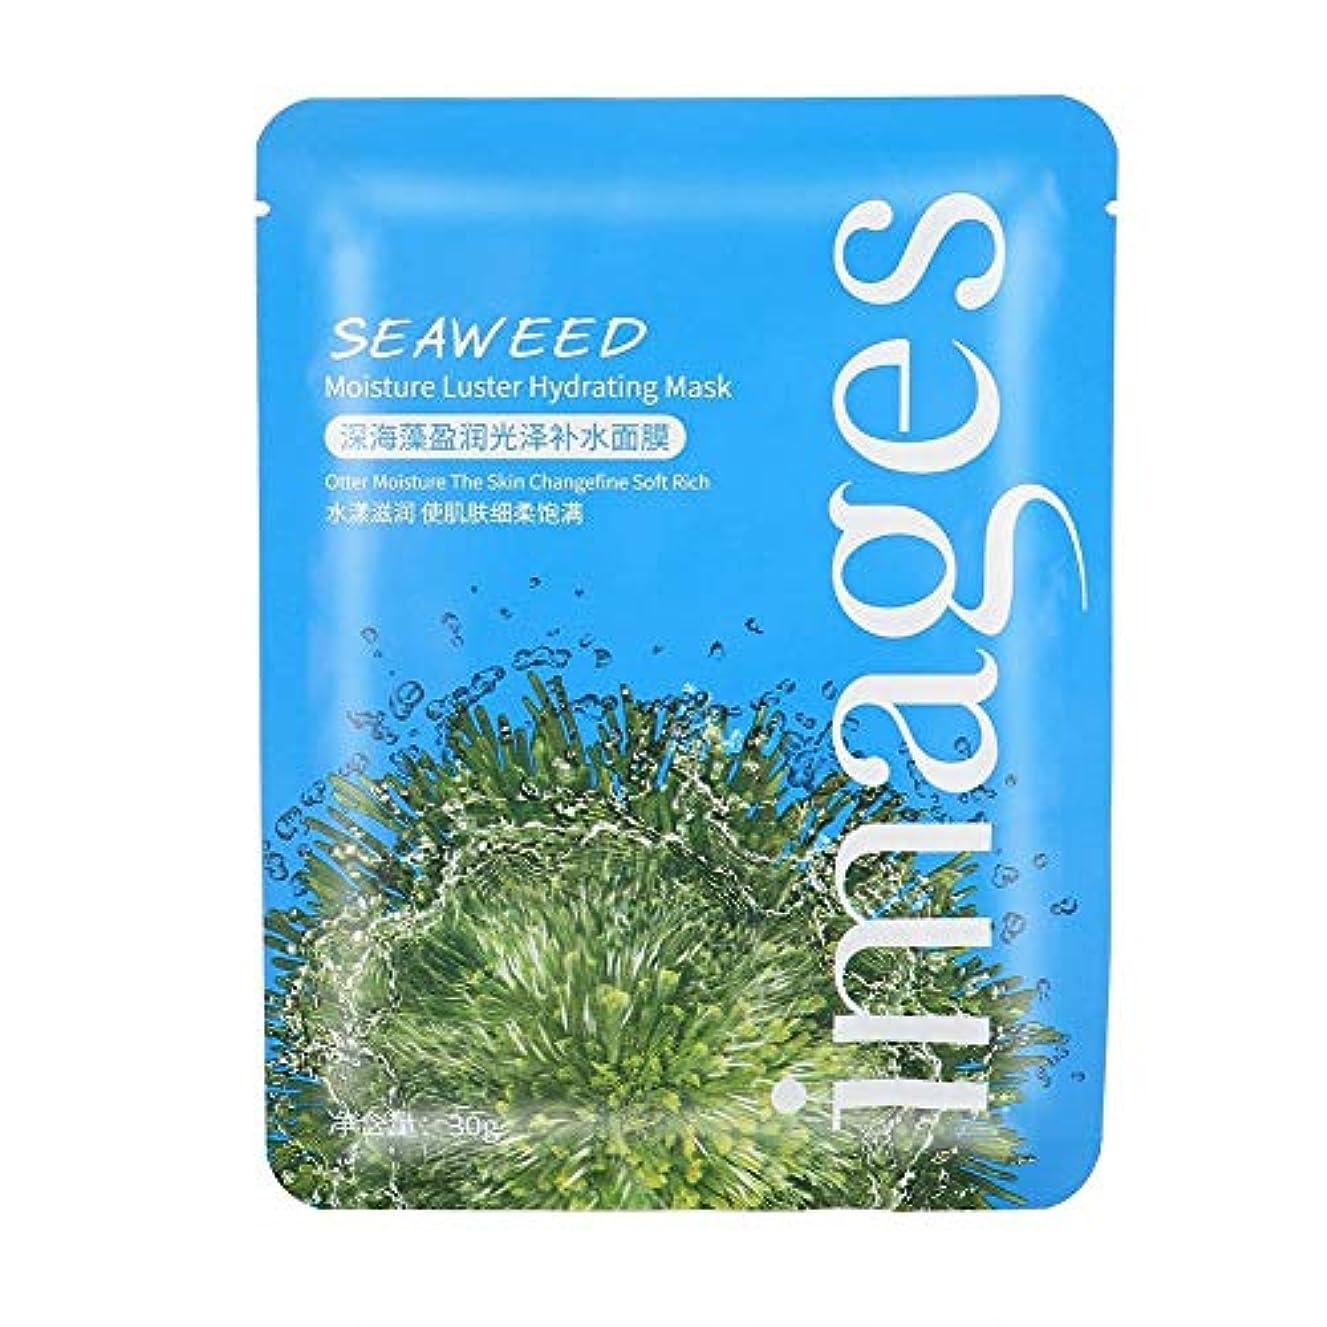 憧れではごきげんよう繰り返しSemme天然海藻エキスフェイスマスク、20 /個明るく保湿引き締め海藻エッセンスフルフェイスフェイシャルマスクシートスキンケア(豊かな輝き)